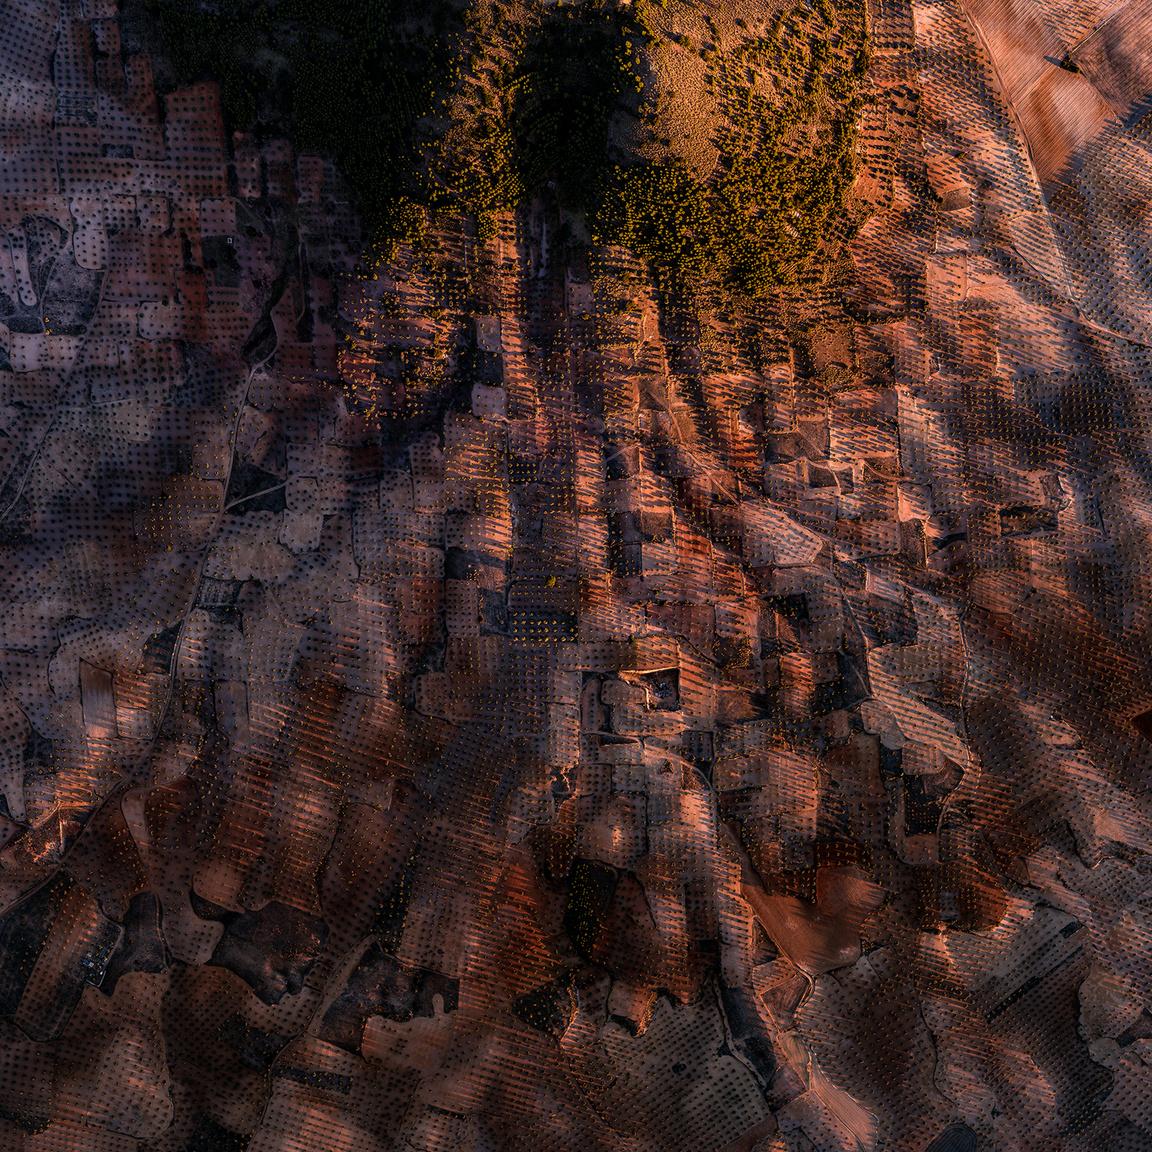 Sierra del RomeralApró parcellák tele olajfákkal a Romeral-hegy lankáin, amelyeket megvilágítanak a nyugvó nap utolsó, és egyben a 2018-as év legutolsó sugarai.El Romeral, Toledo, Spanyolország. 2018.12.31.A képen látható terület szélessége: 1584 m.